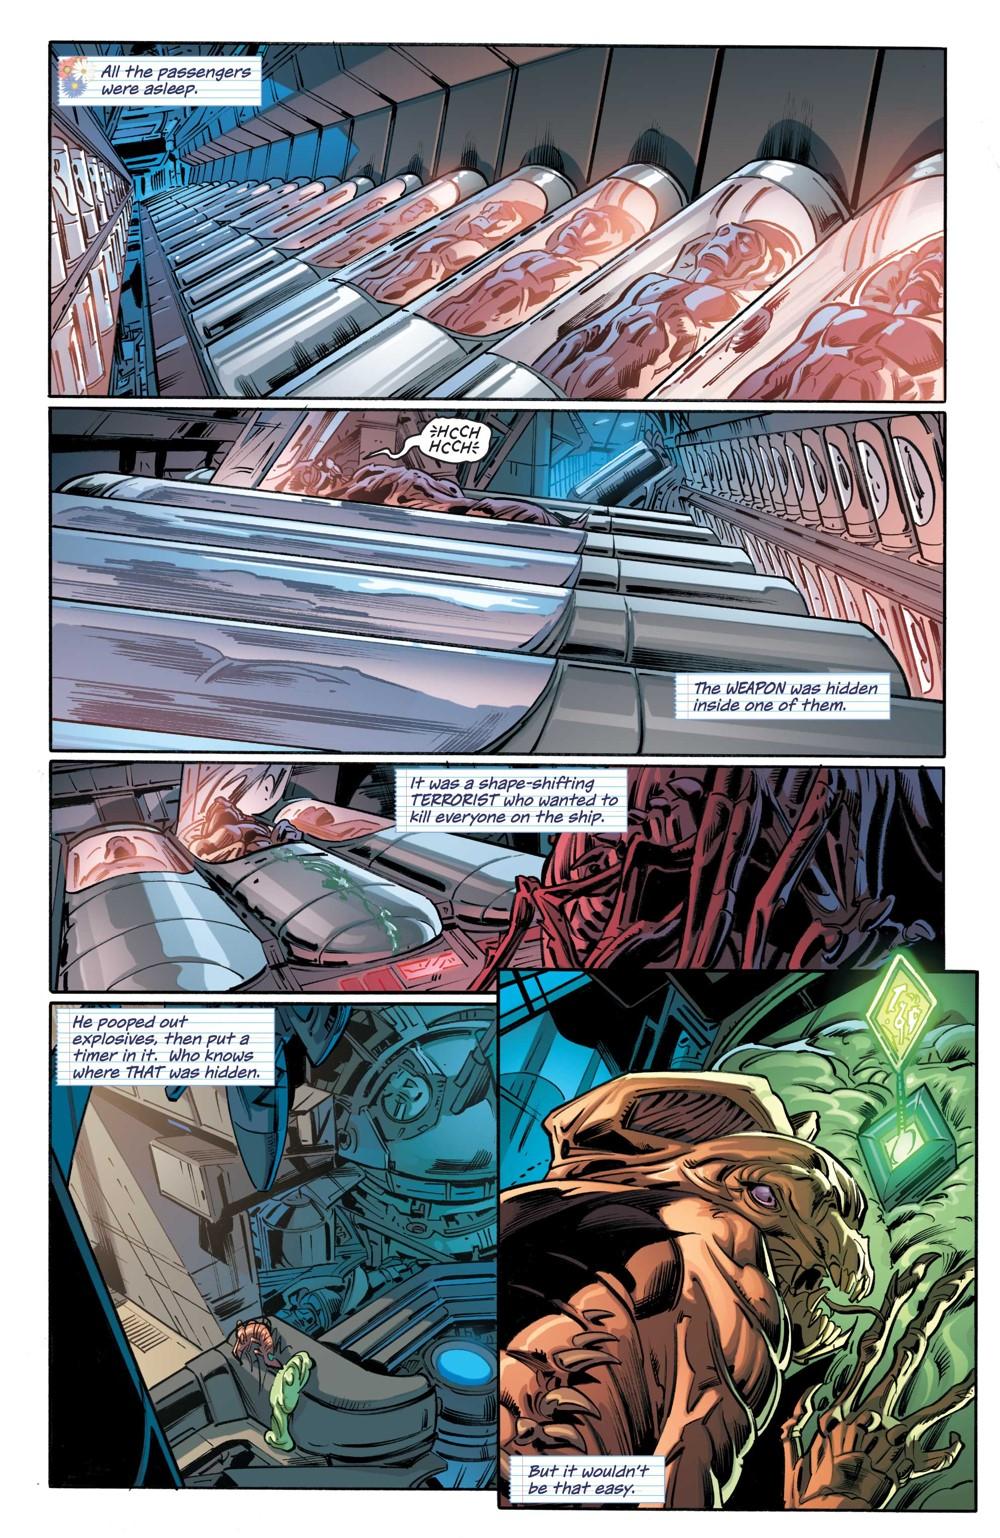 Icon-and-Rocket-Season-One-1-6_60fa1f3c403e28.56699146 ComicList Previews: ICON AND ROCKET SEASON ONE #1 (OF 6)